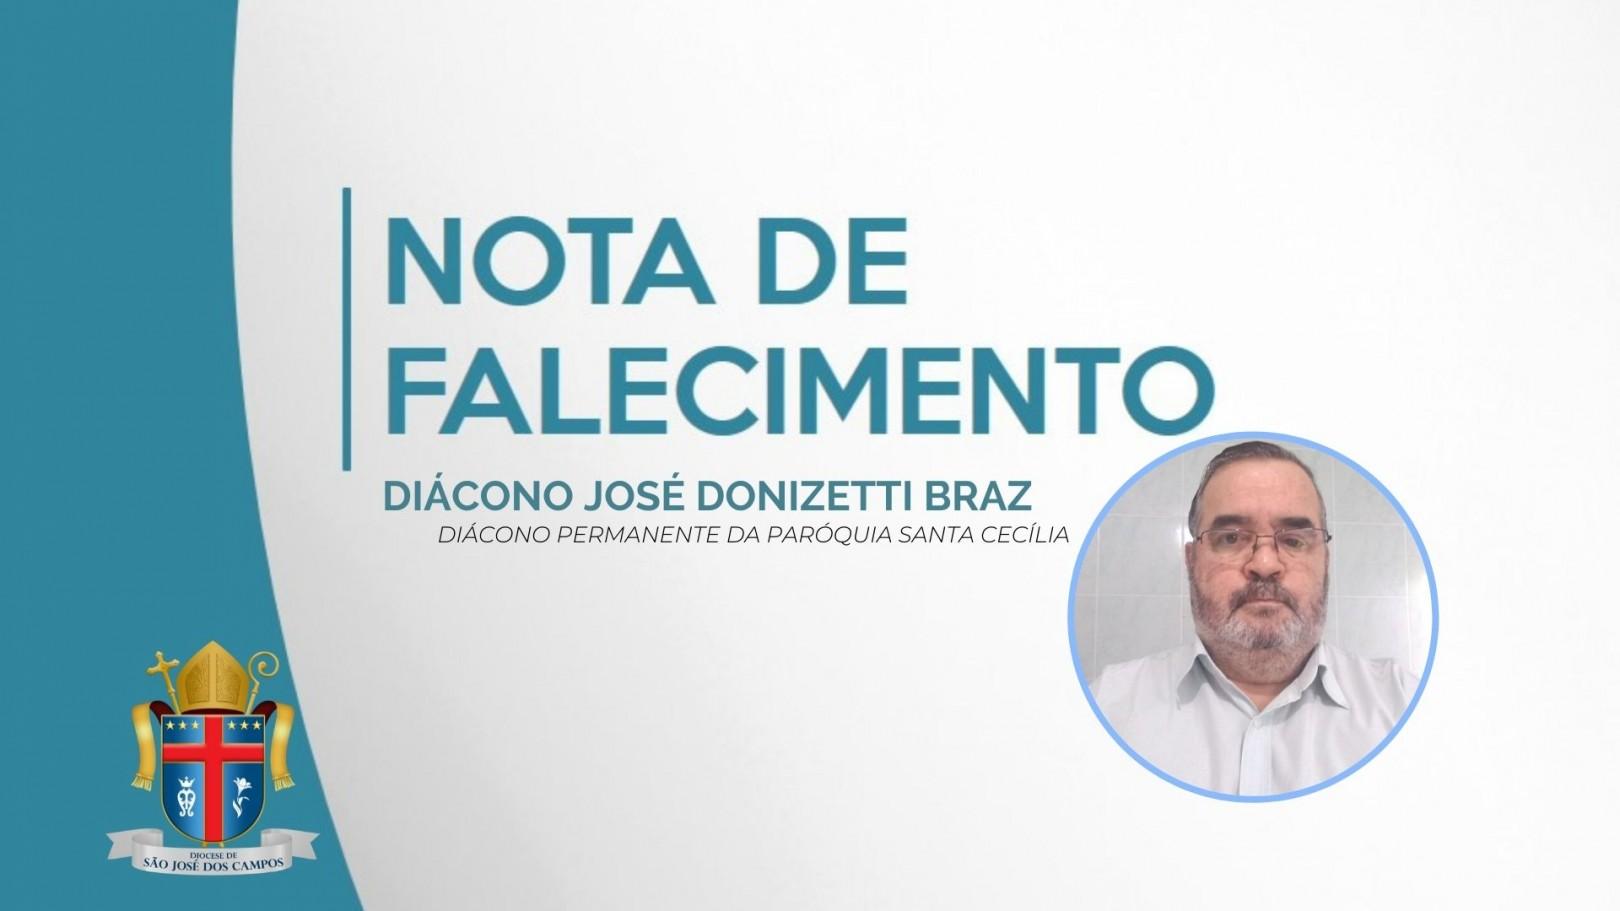 Nota de Falecimento – Diácono José Donizetti Braz